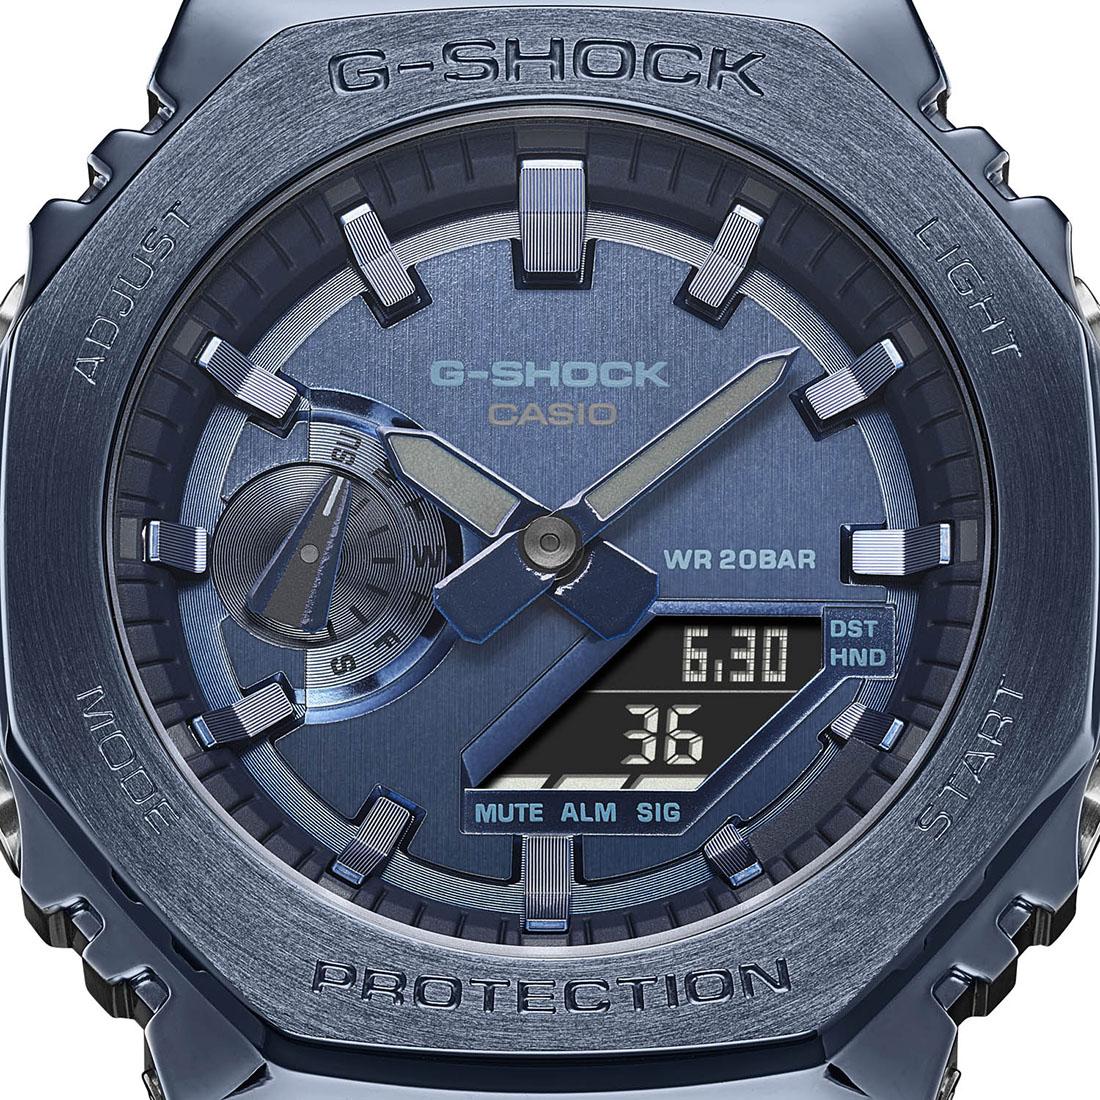 G-SHOCK GM-2100 Métal